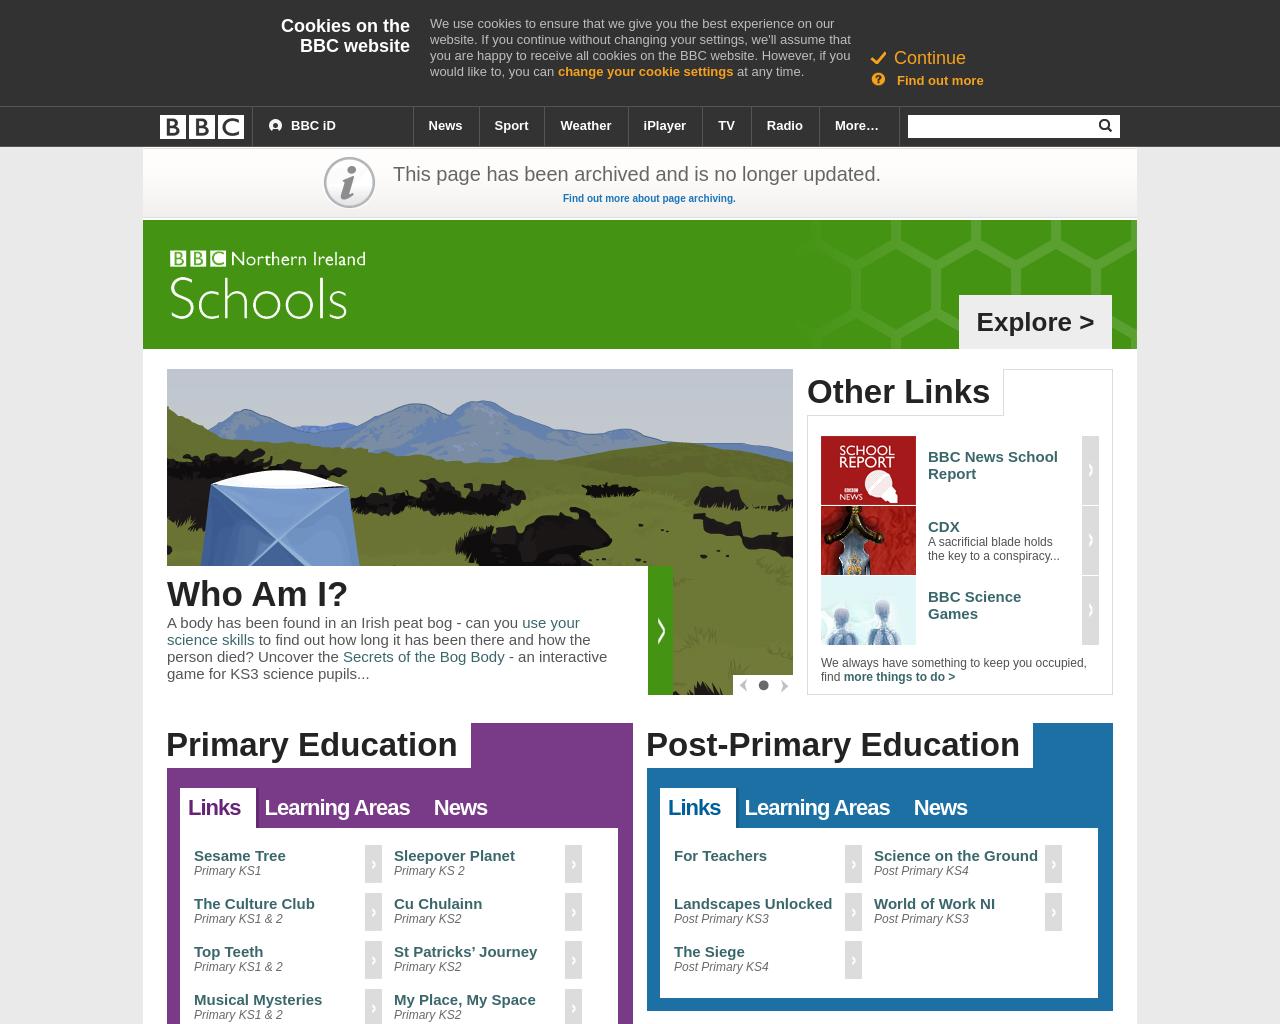 BBC NI Schools Page